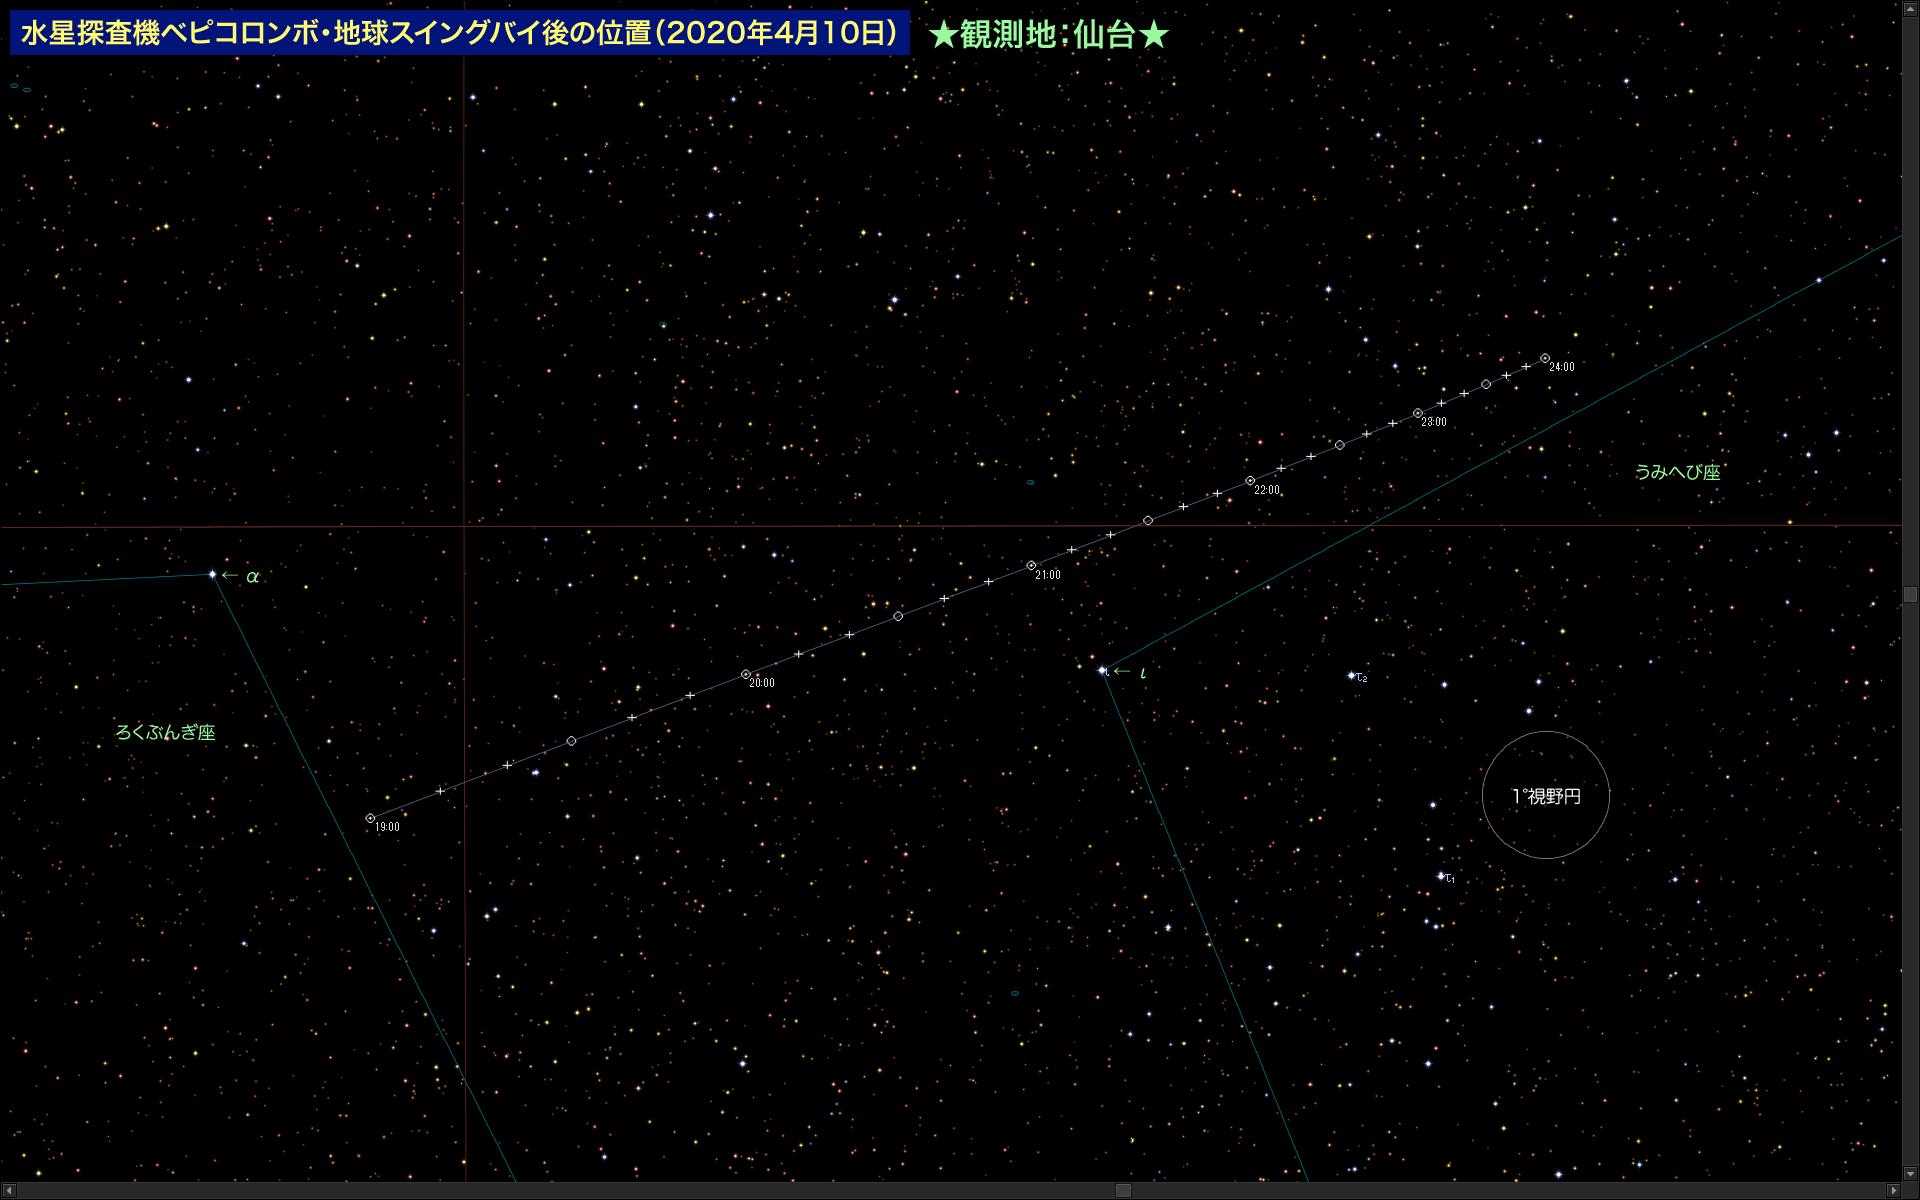 202004110仙台